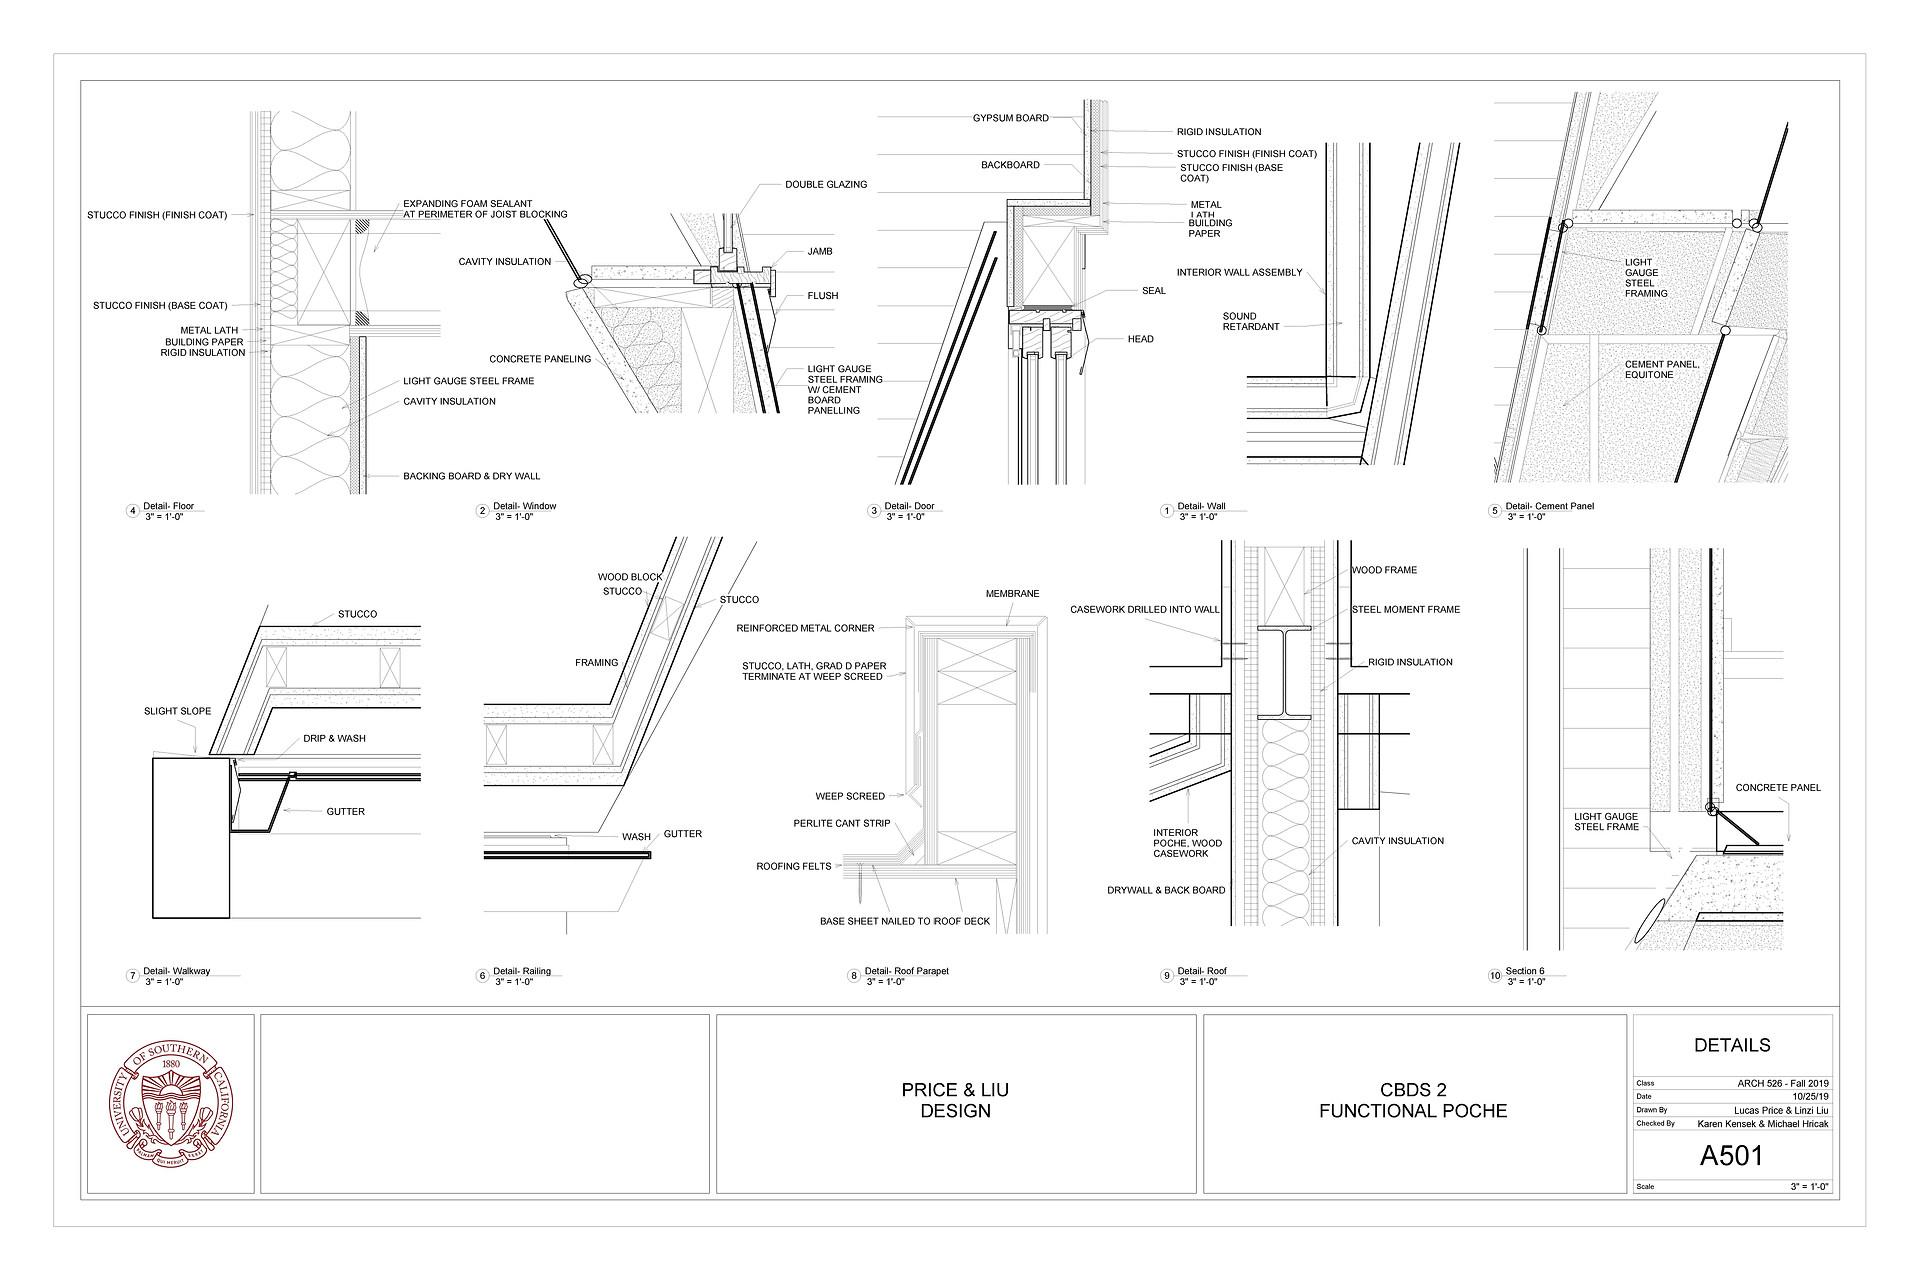 Price-Liu-CBDS2_Page_08.jpg